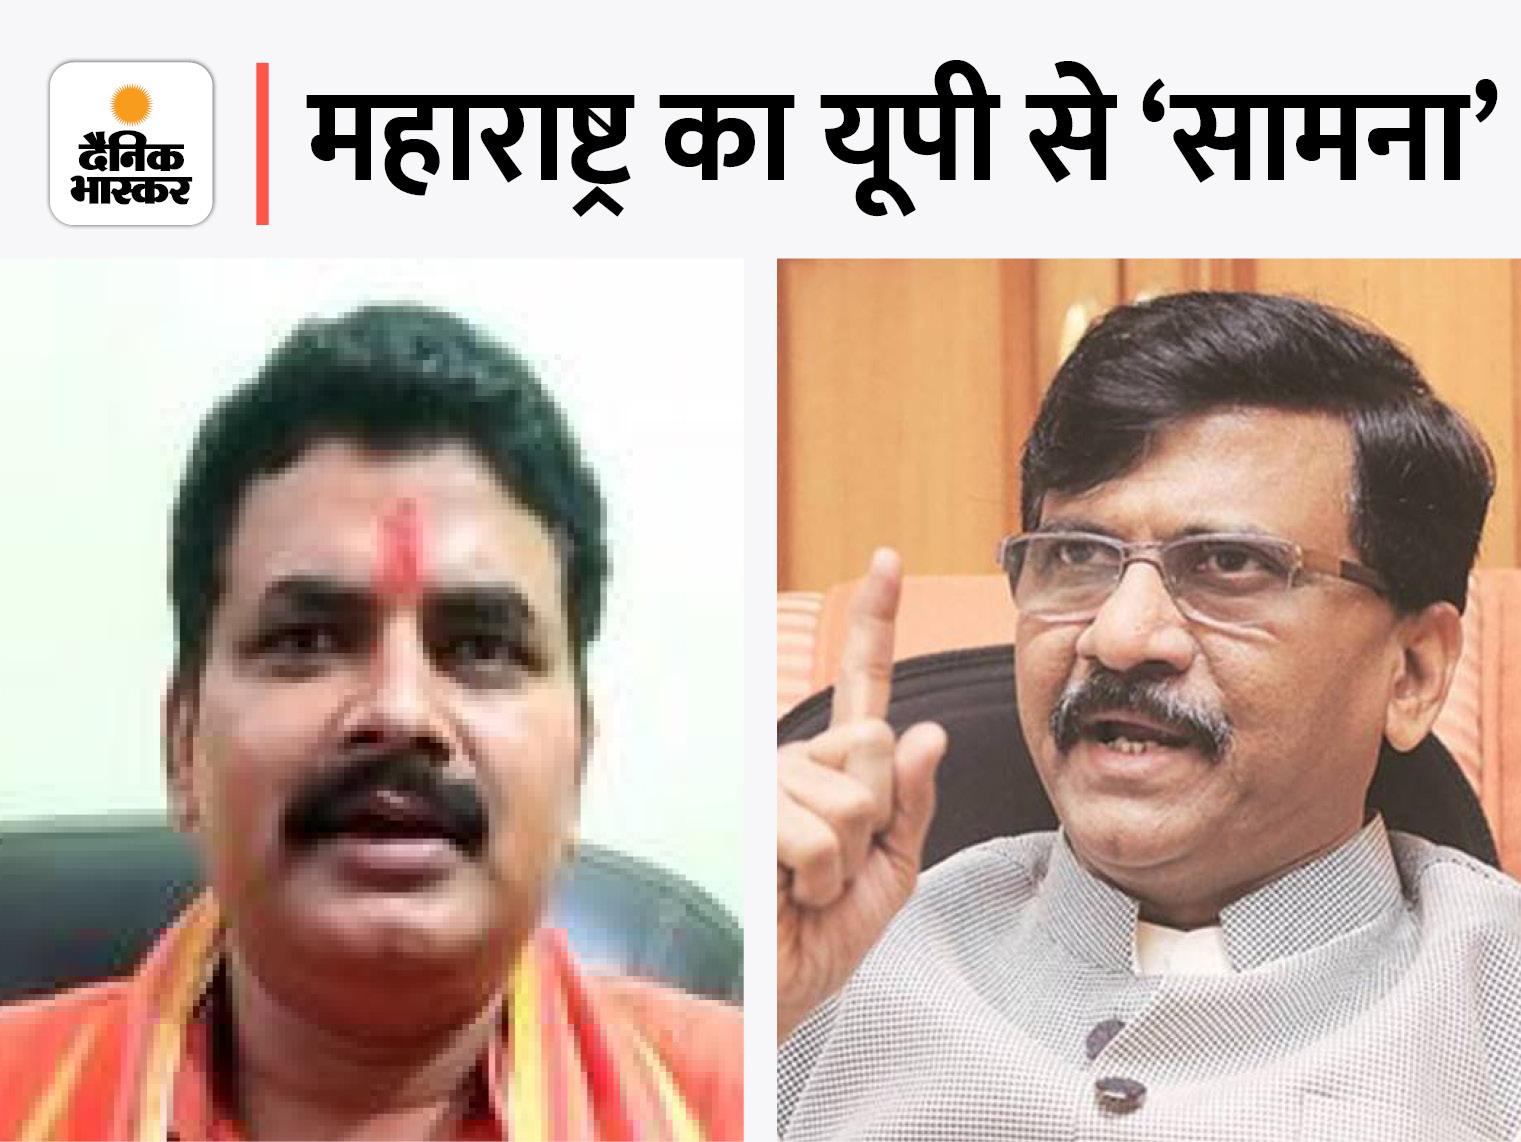 सामना ने लिखा 'जौनपुर पैटर्न' ने गंदगी मचाई; भाजपा MLA ने कहा- शिवसेना ओछी राजनीति कर रही|जौनपुर,Jaunpur - Dainik Bhaskar